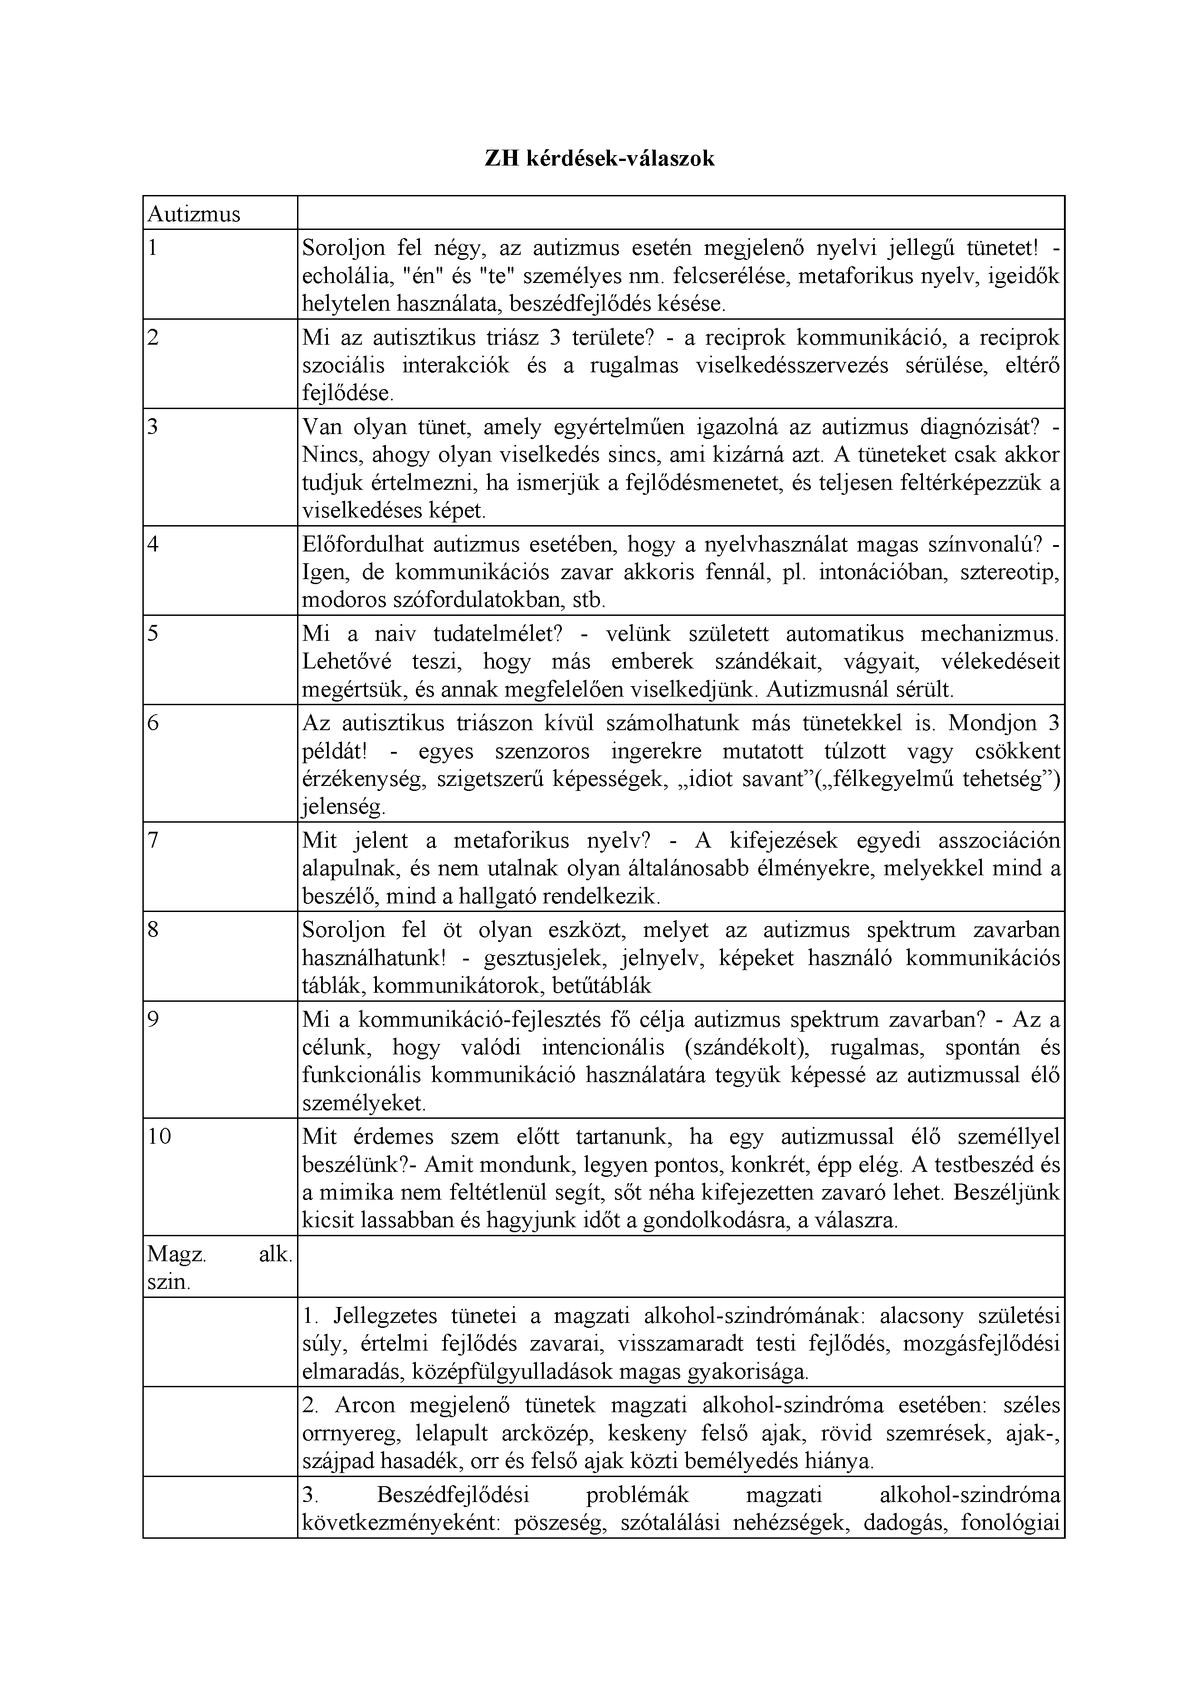 a magas vérnyomásban szenvedő fogyatékosságok csoportja 3 szakaszban